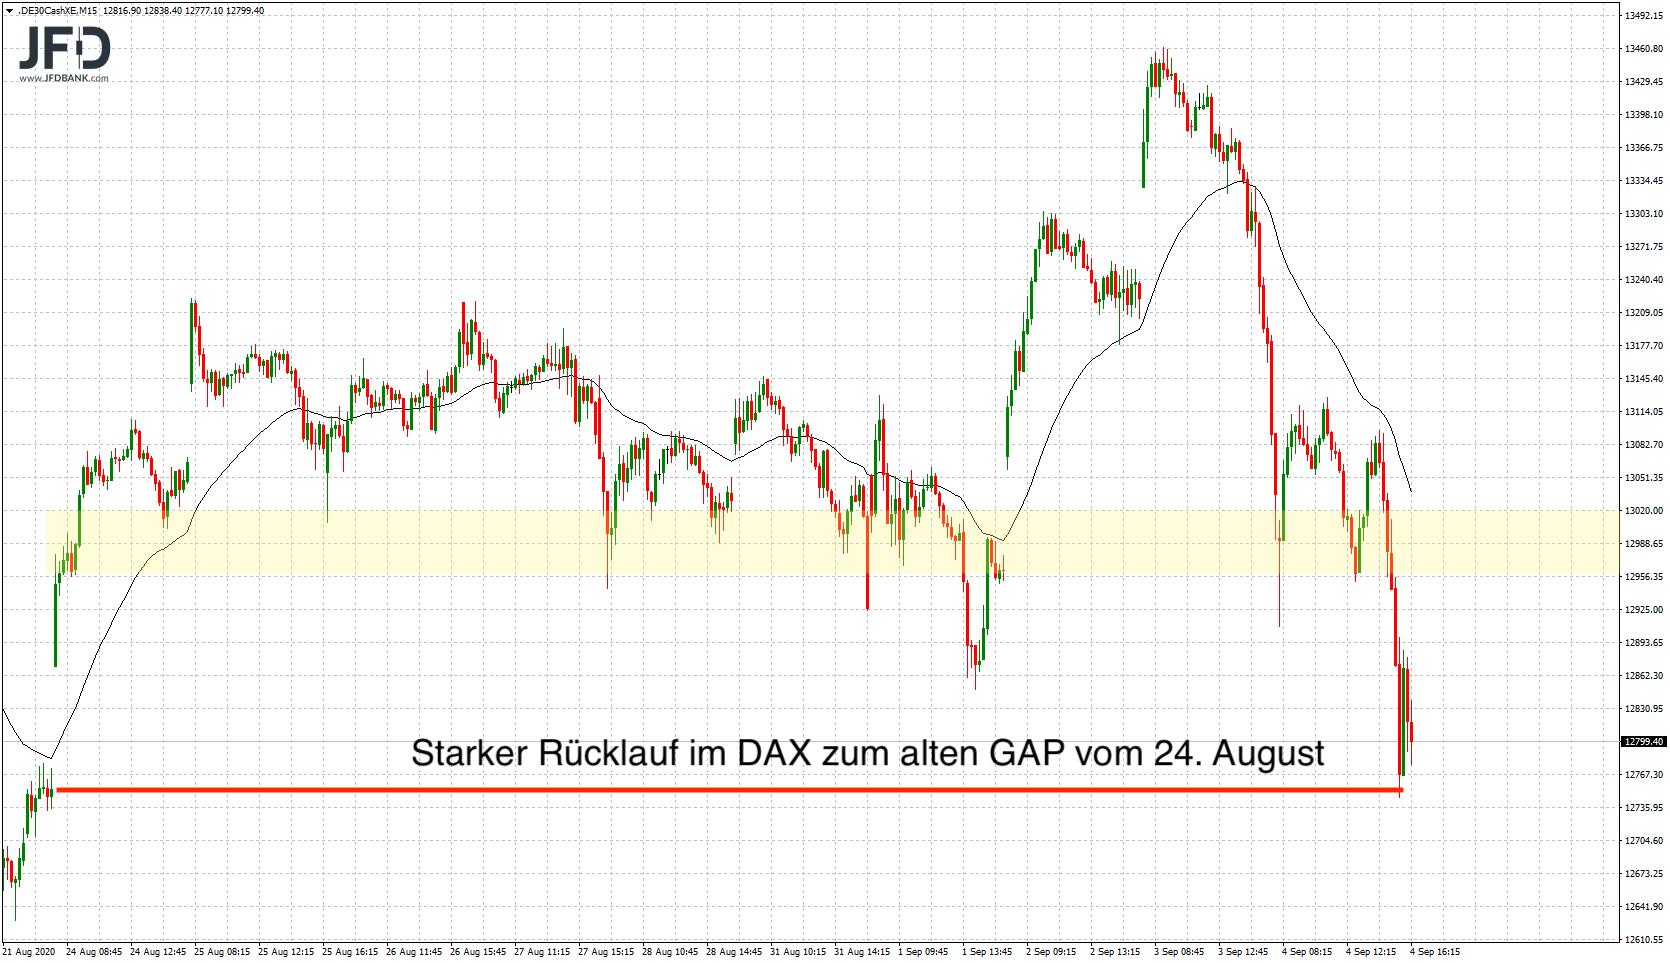 DAX-Rücklauf am Freitag zum August-GAP